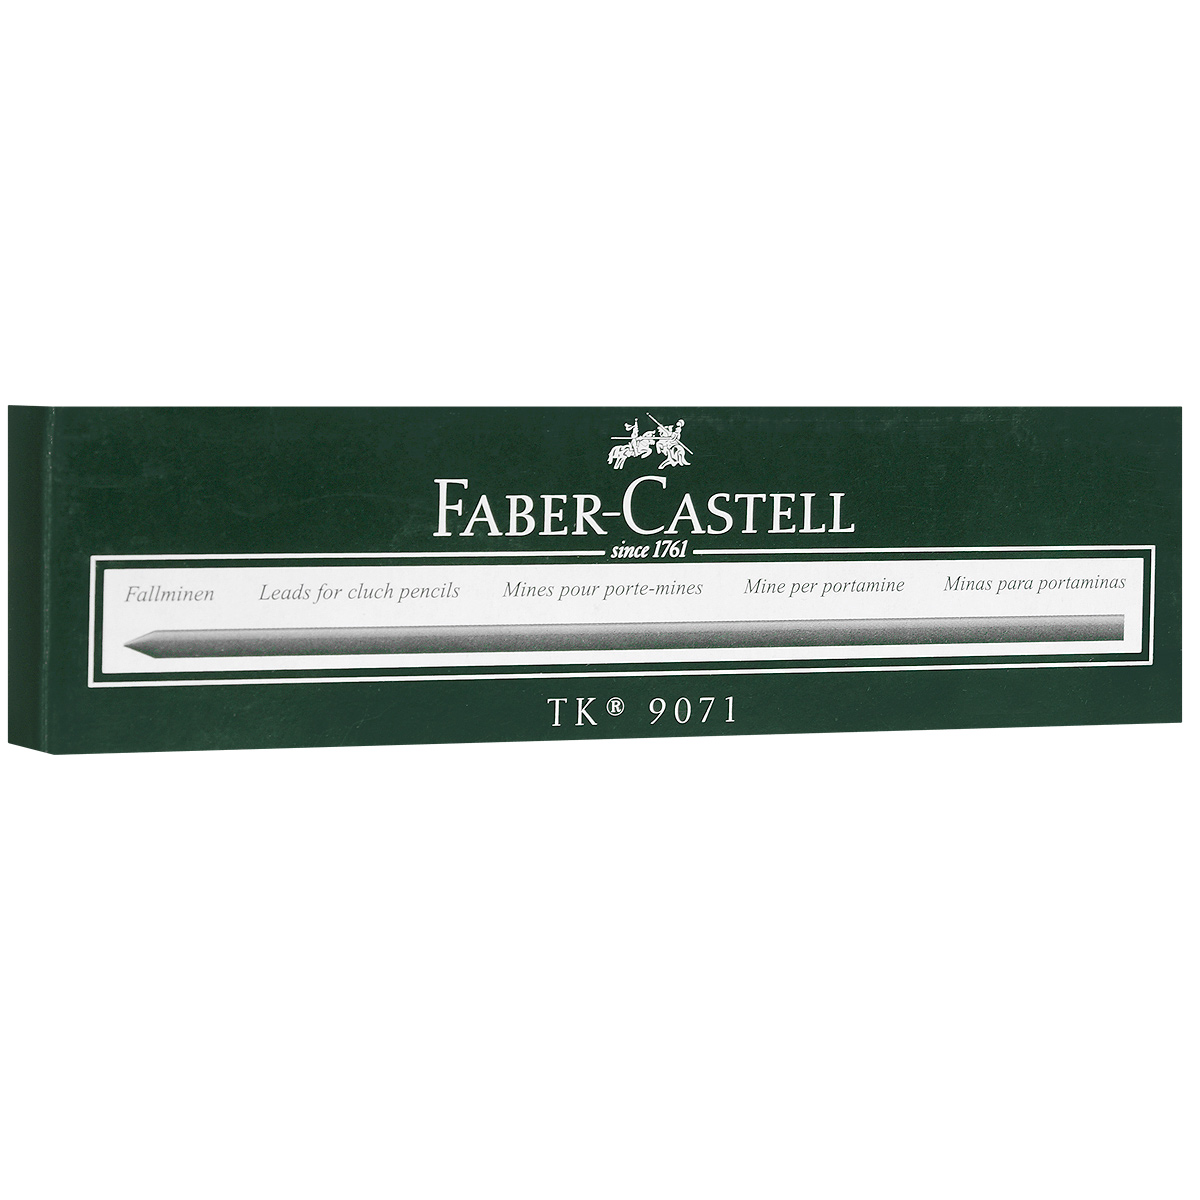 Графитные грифели Faber-Castell, 10 шт282200Графитные грифели Faber-Castell подходят механических карандашей любой марки. Они оставляют на бумаге четкий черный след, не размазываются, обладают ударопрочностью и экономно расходуются. В наборе 10 заточенных грифелей, упакованных в пластиковый футляр для удобного хранения.